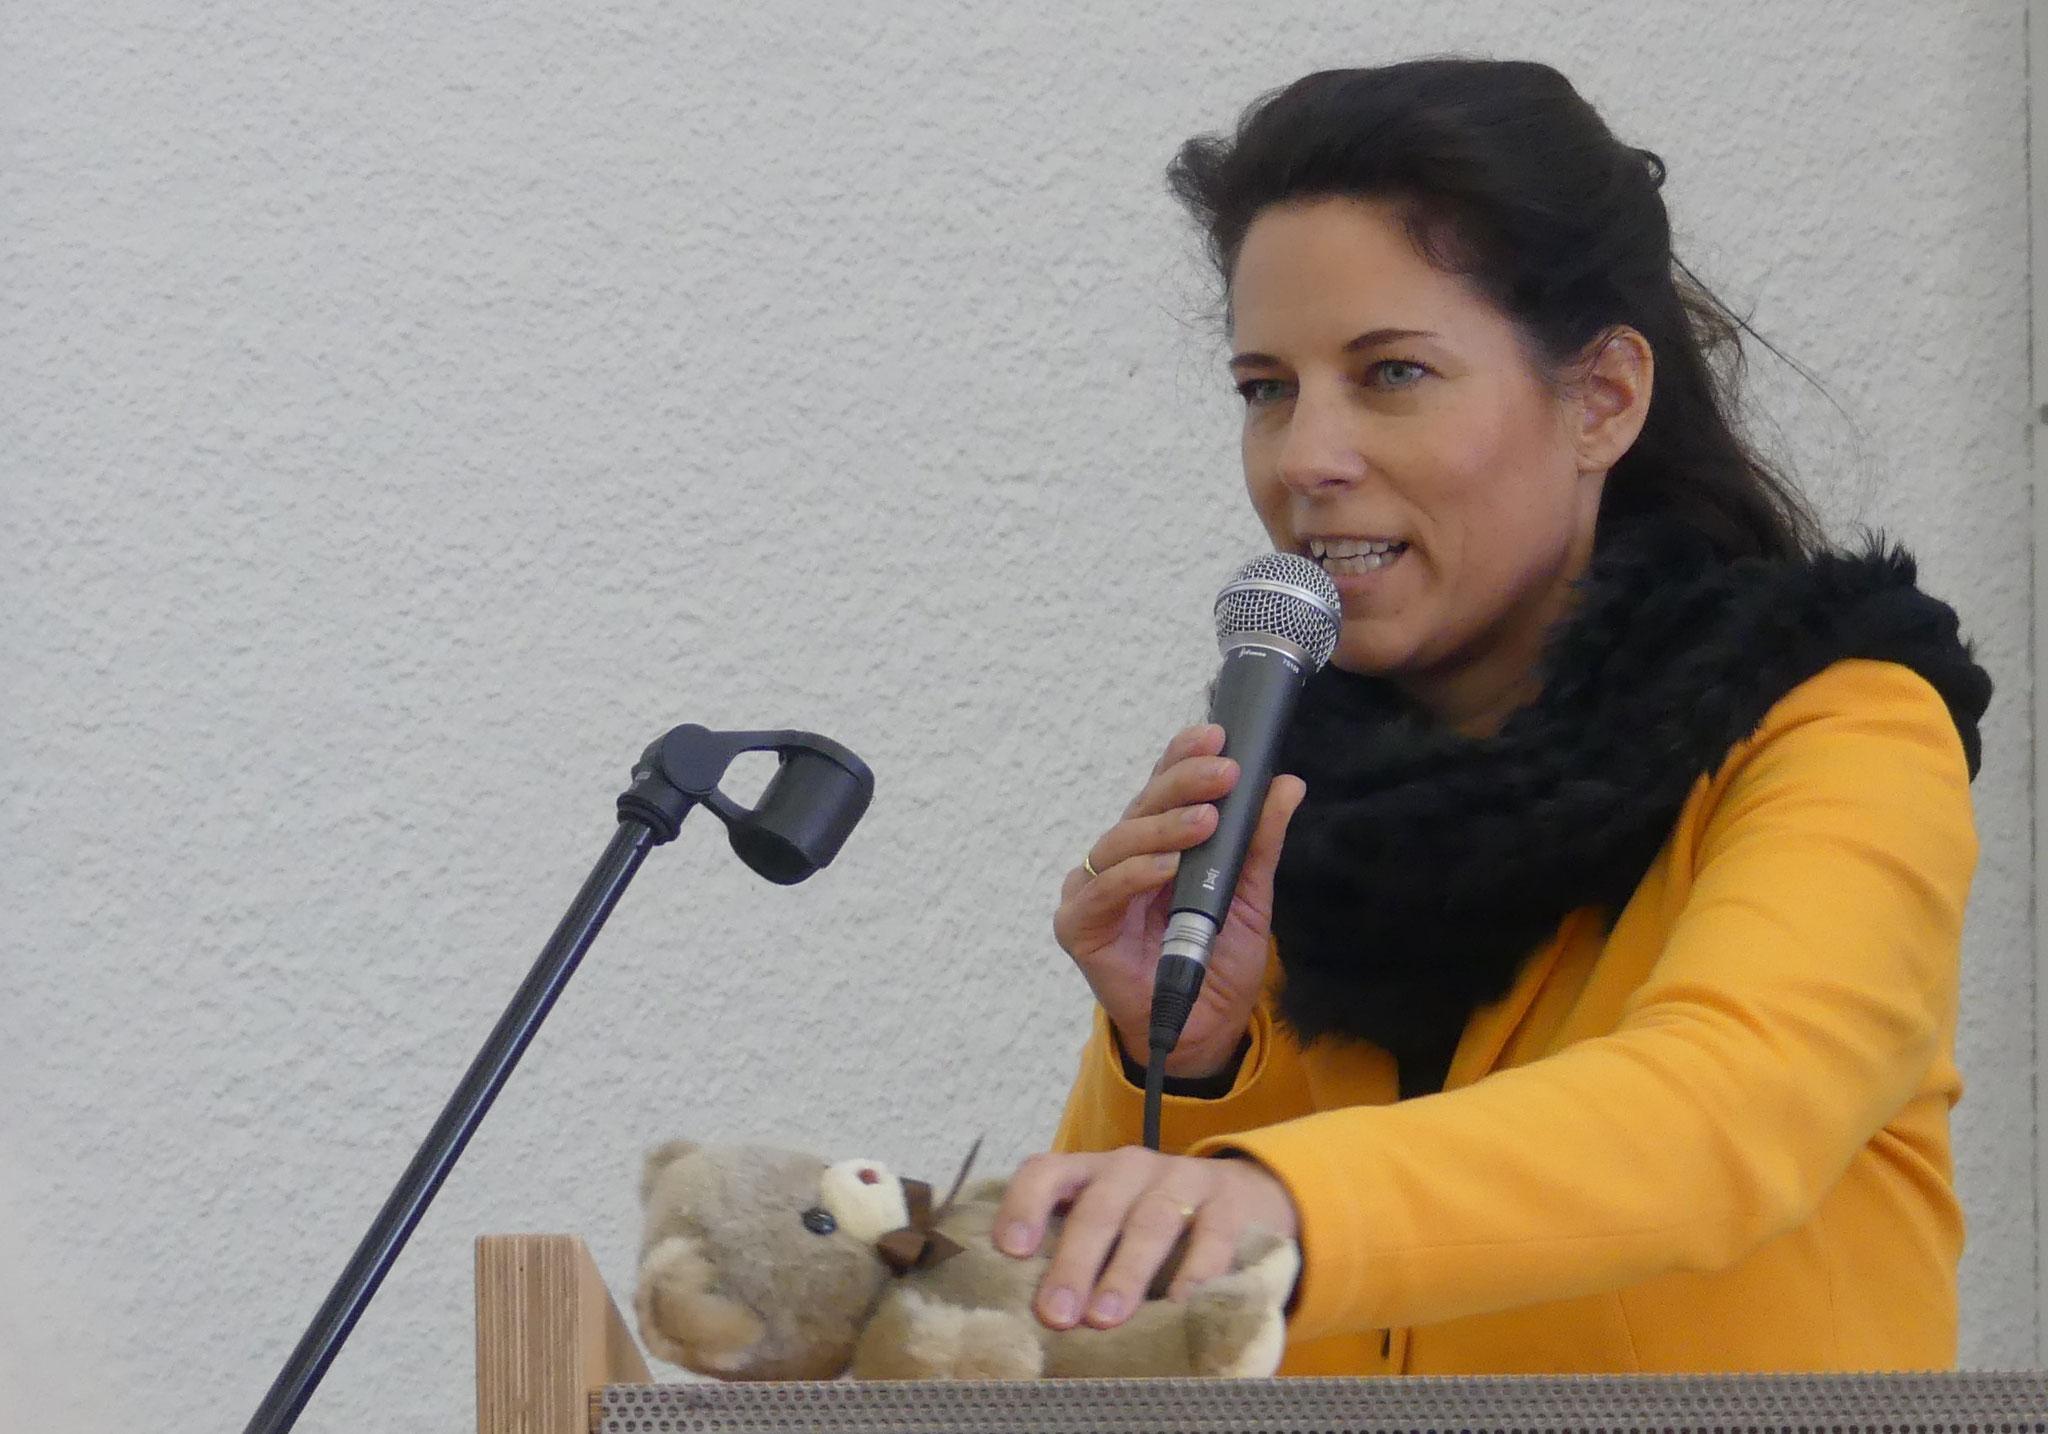 Für die STIFTUNG GIERSCH richtete Katrin Tönshoff Grußworte der Schirmherrin Ehrensenatorin Karin Giersch an die Anwesenden und dankte herzlich für das großartige Engagement aller, die mit dem Rettungsteddy Kinder Ängste nehmen und sie trösten.